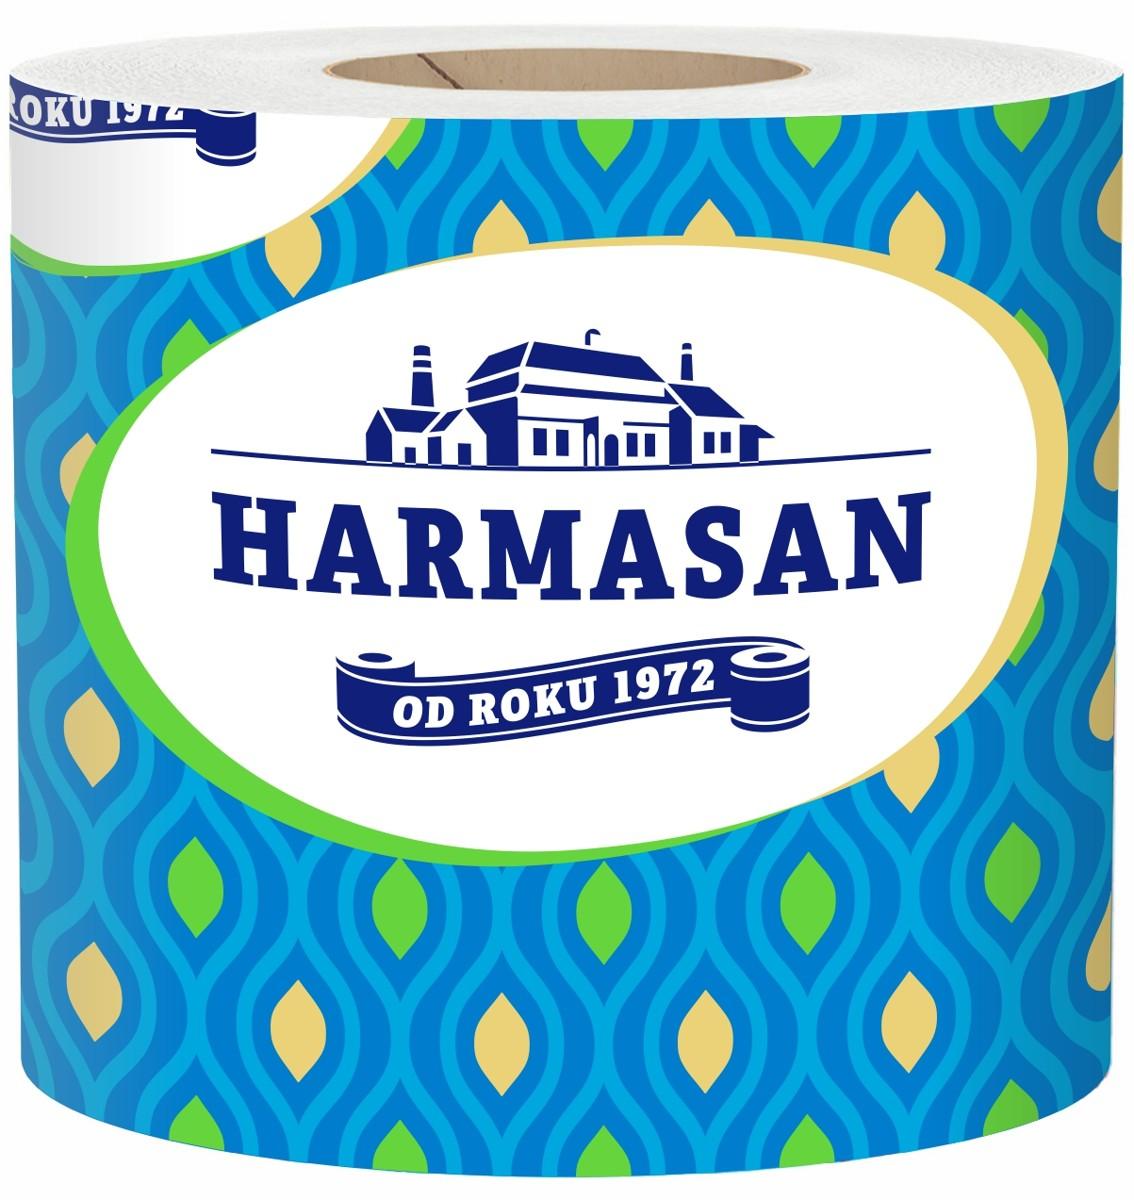 Papír toaletní Harmasan solo 400 Harmasan/Mýval, návin 50 m